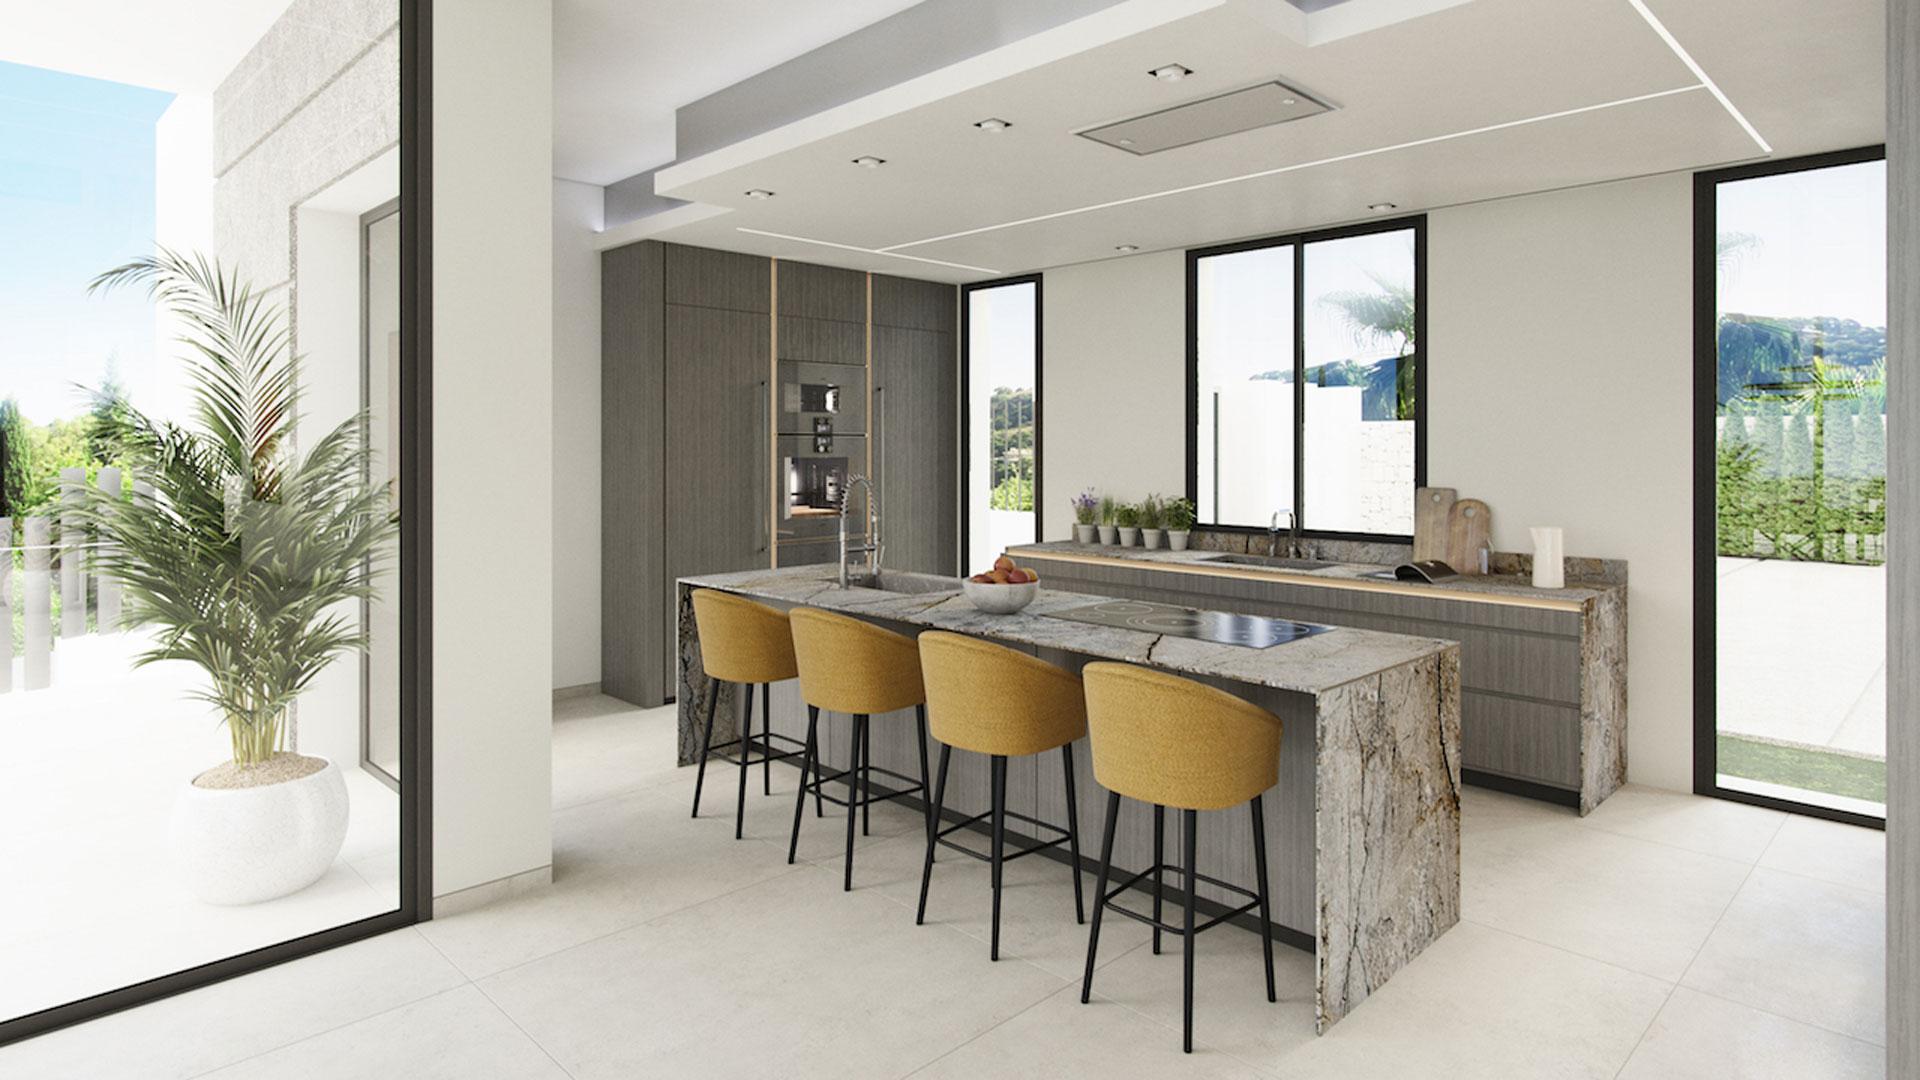 casa sonada villa marbella 157a kitchen 1